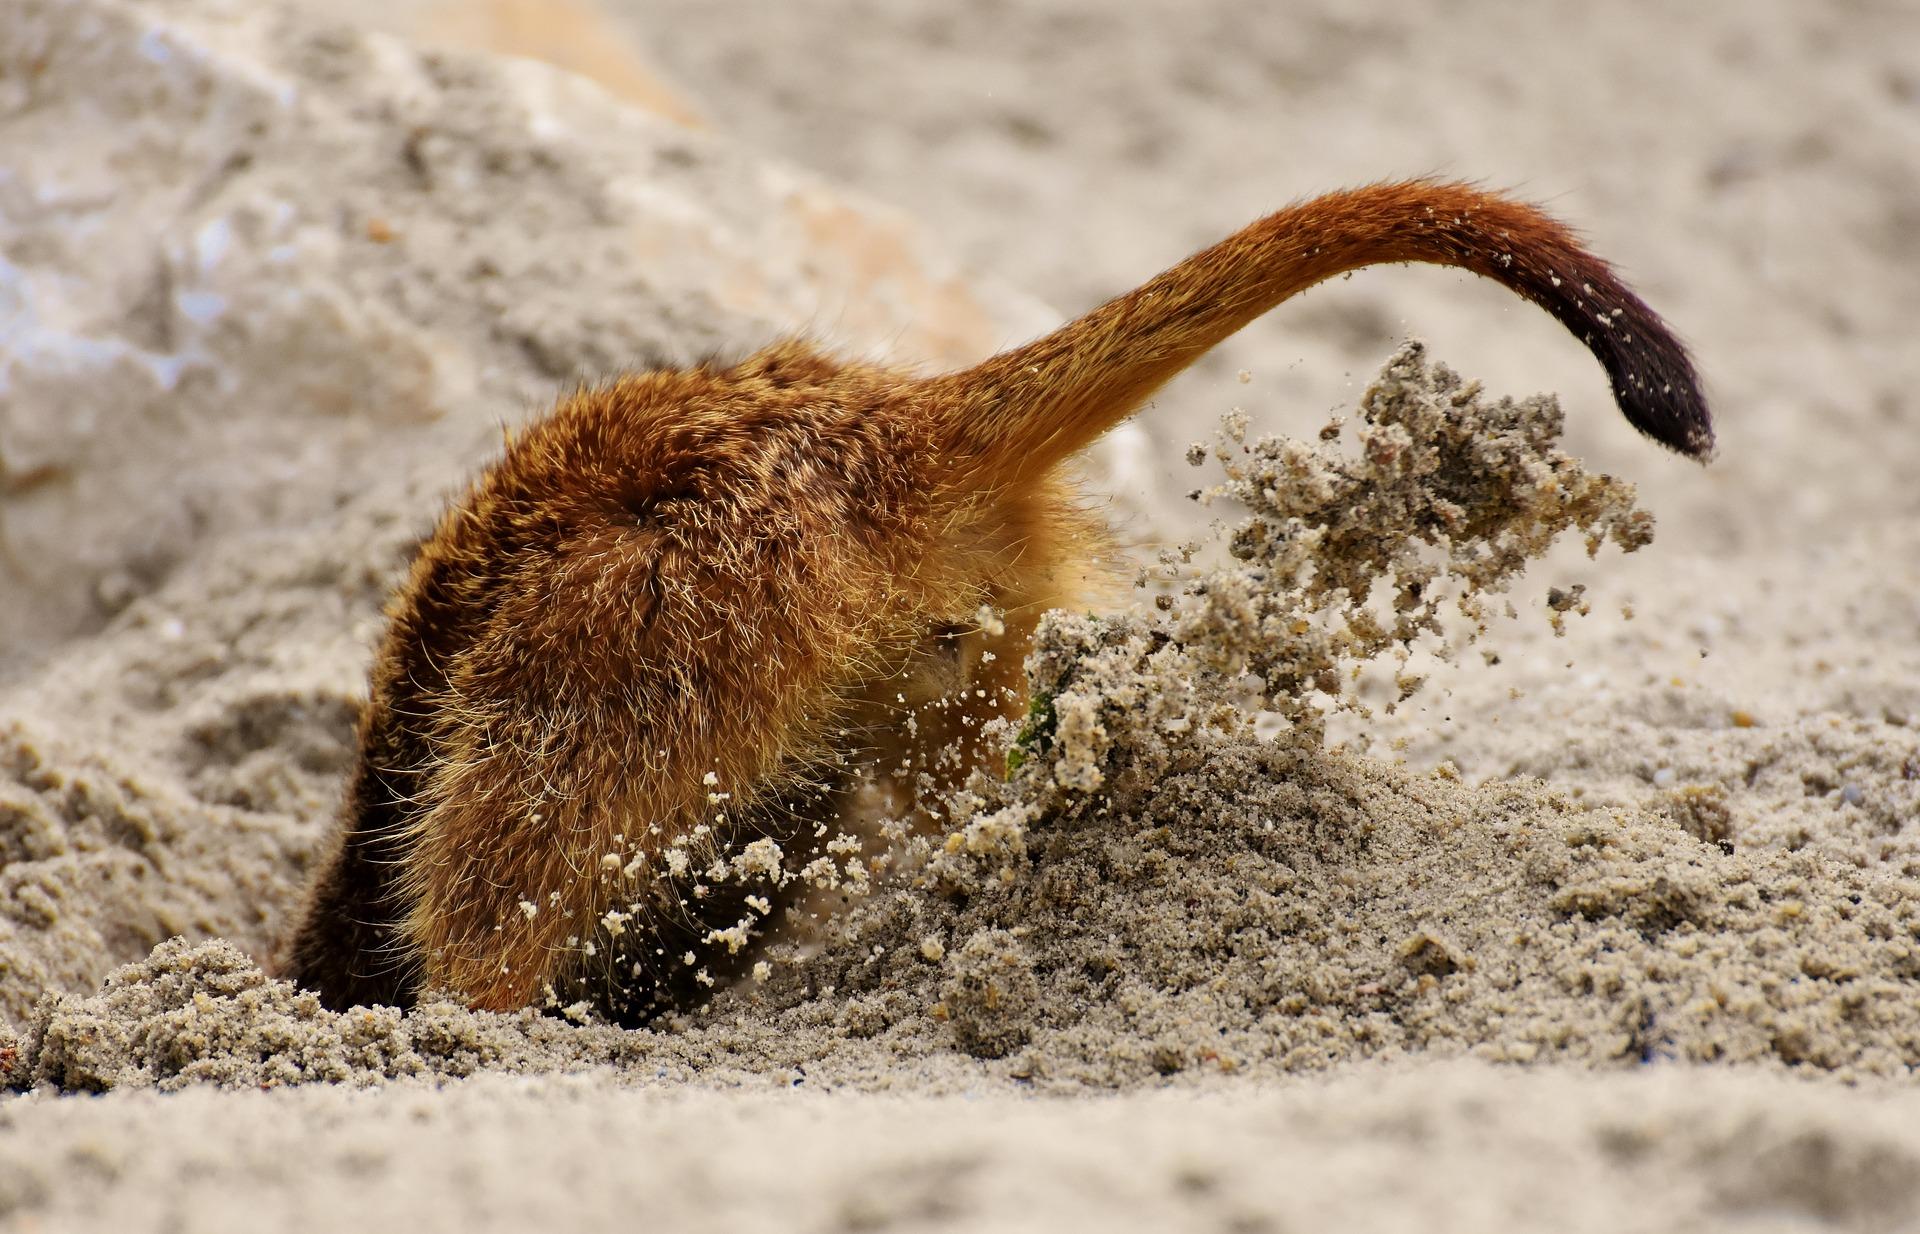 Do meerkats eat meat?